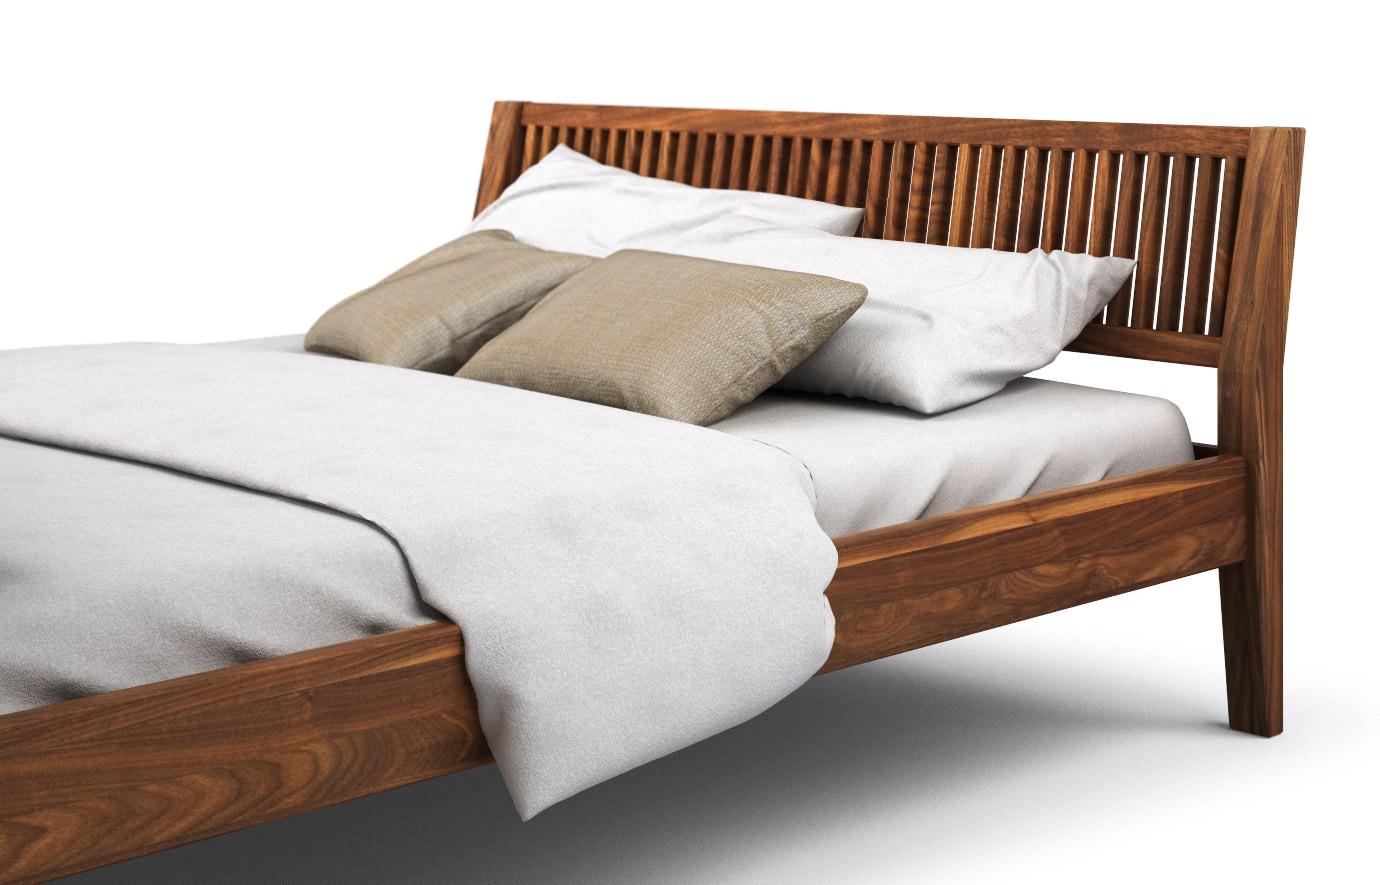 Full Size of Bett Nussbaum Massiv 180x200 120 X 200 90x200 Optik 200x200 Strena In Günstig Aus Paletten Kaufen Rauch Betten Mit Rückenlehne Hülsta Weiß Stauraum 140x200 Bett Bett Nussbaum